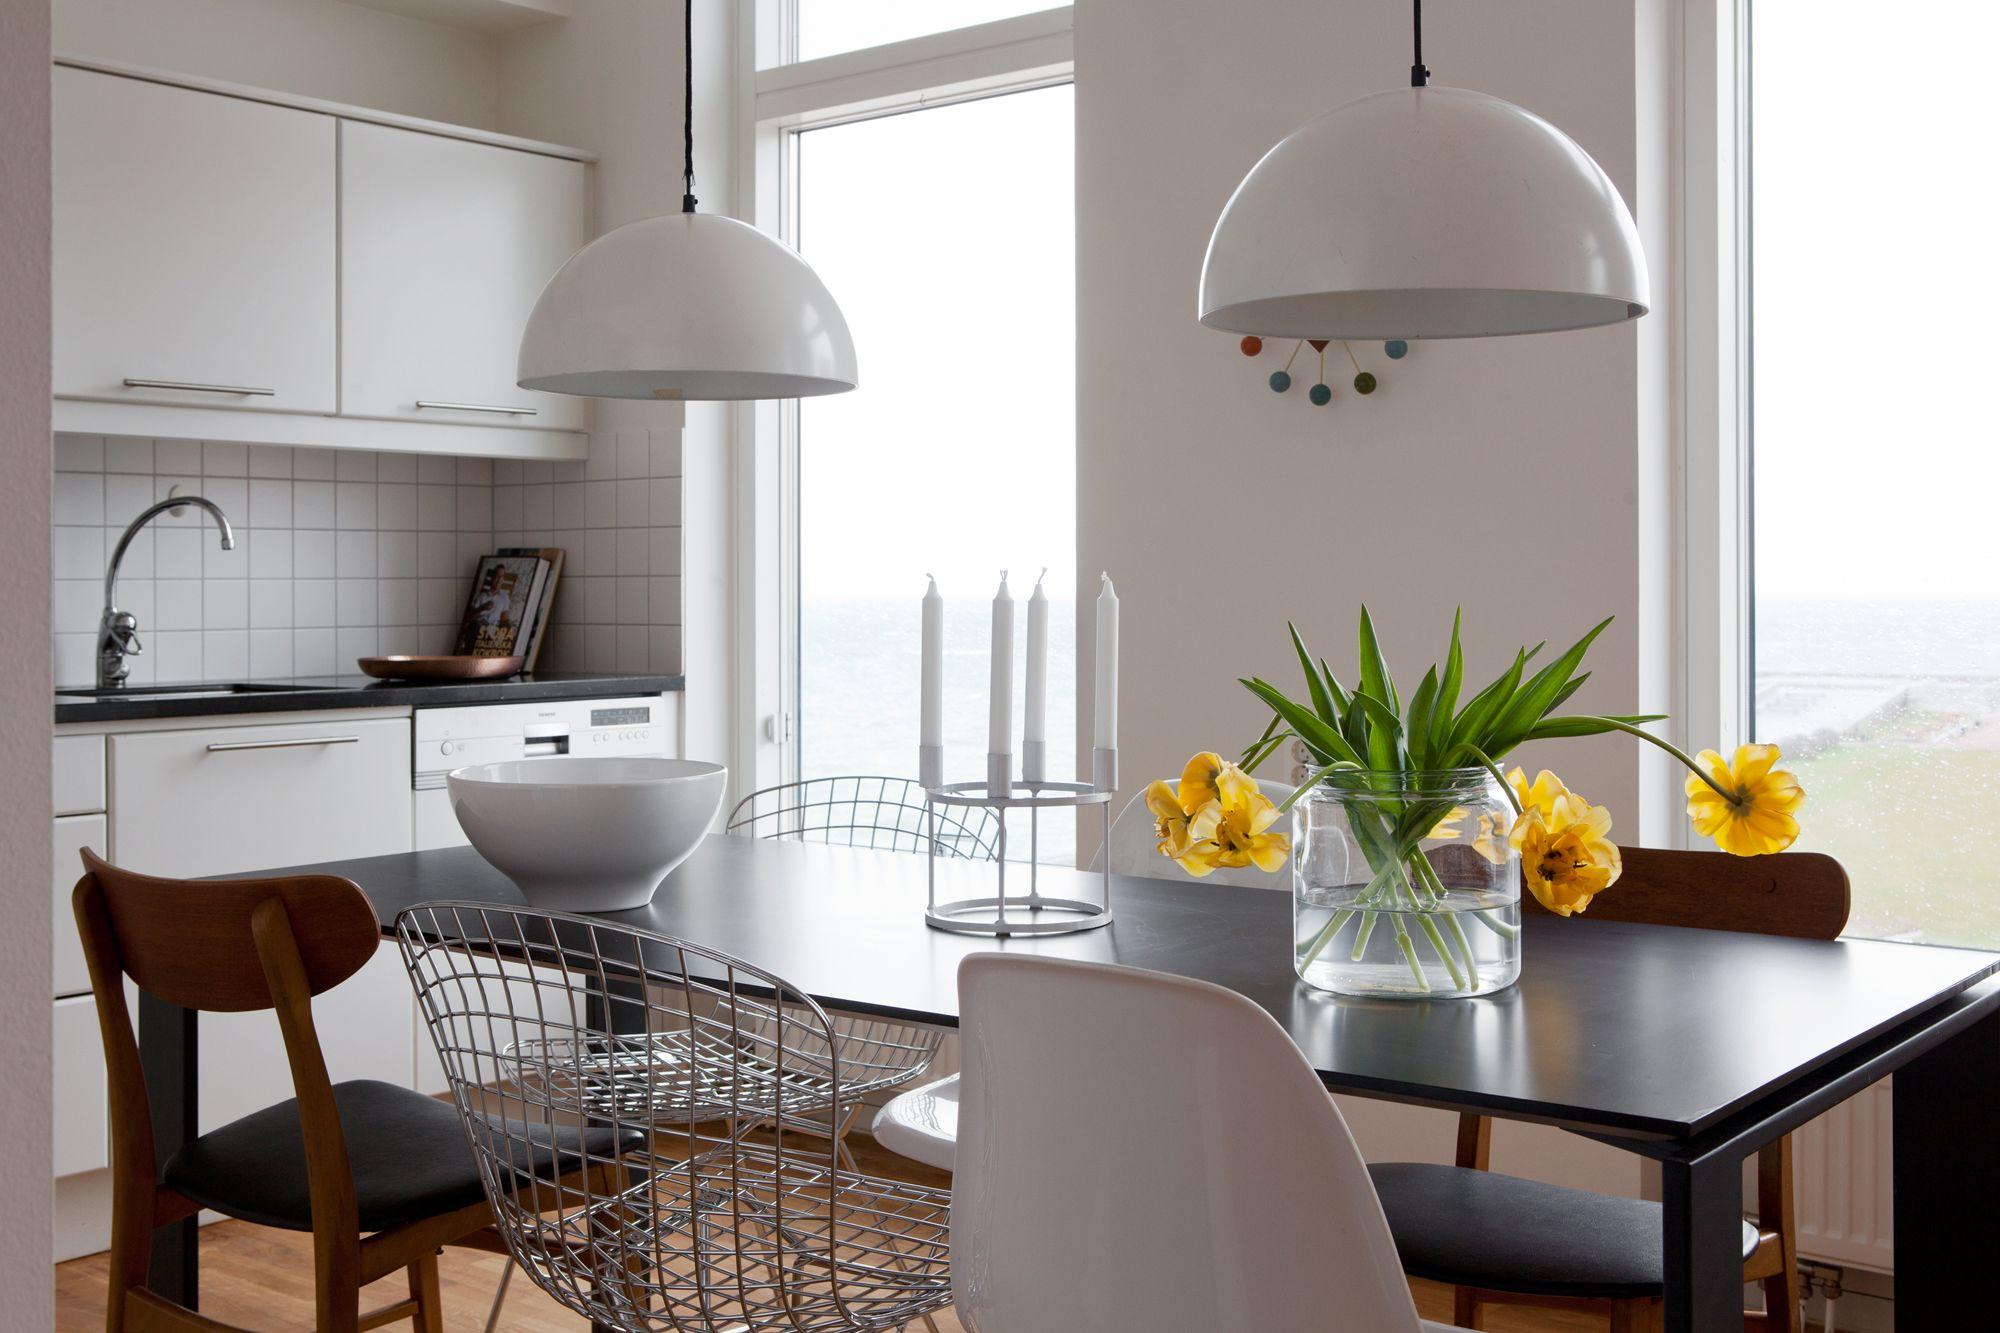 Mezclar dise o caro y dise o menos caro blog decoraci n - Blog decoracion de interiores ...